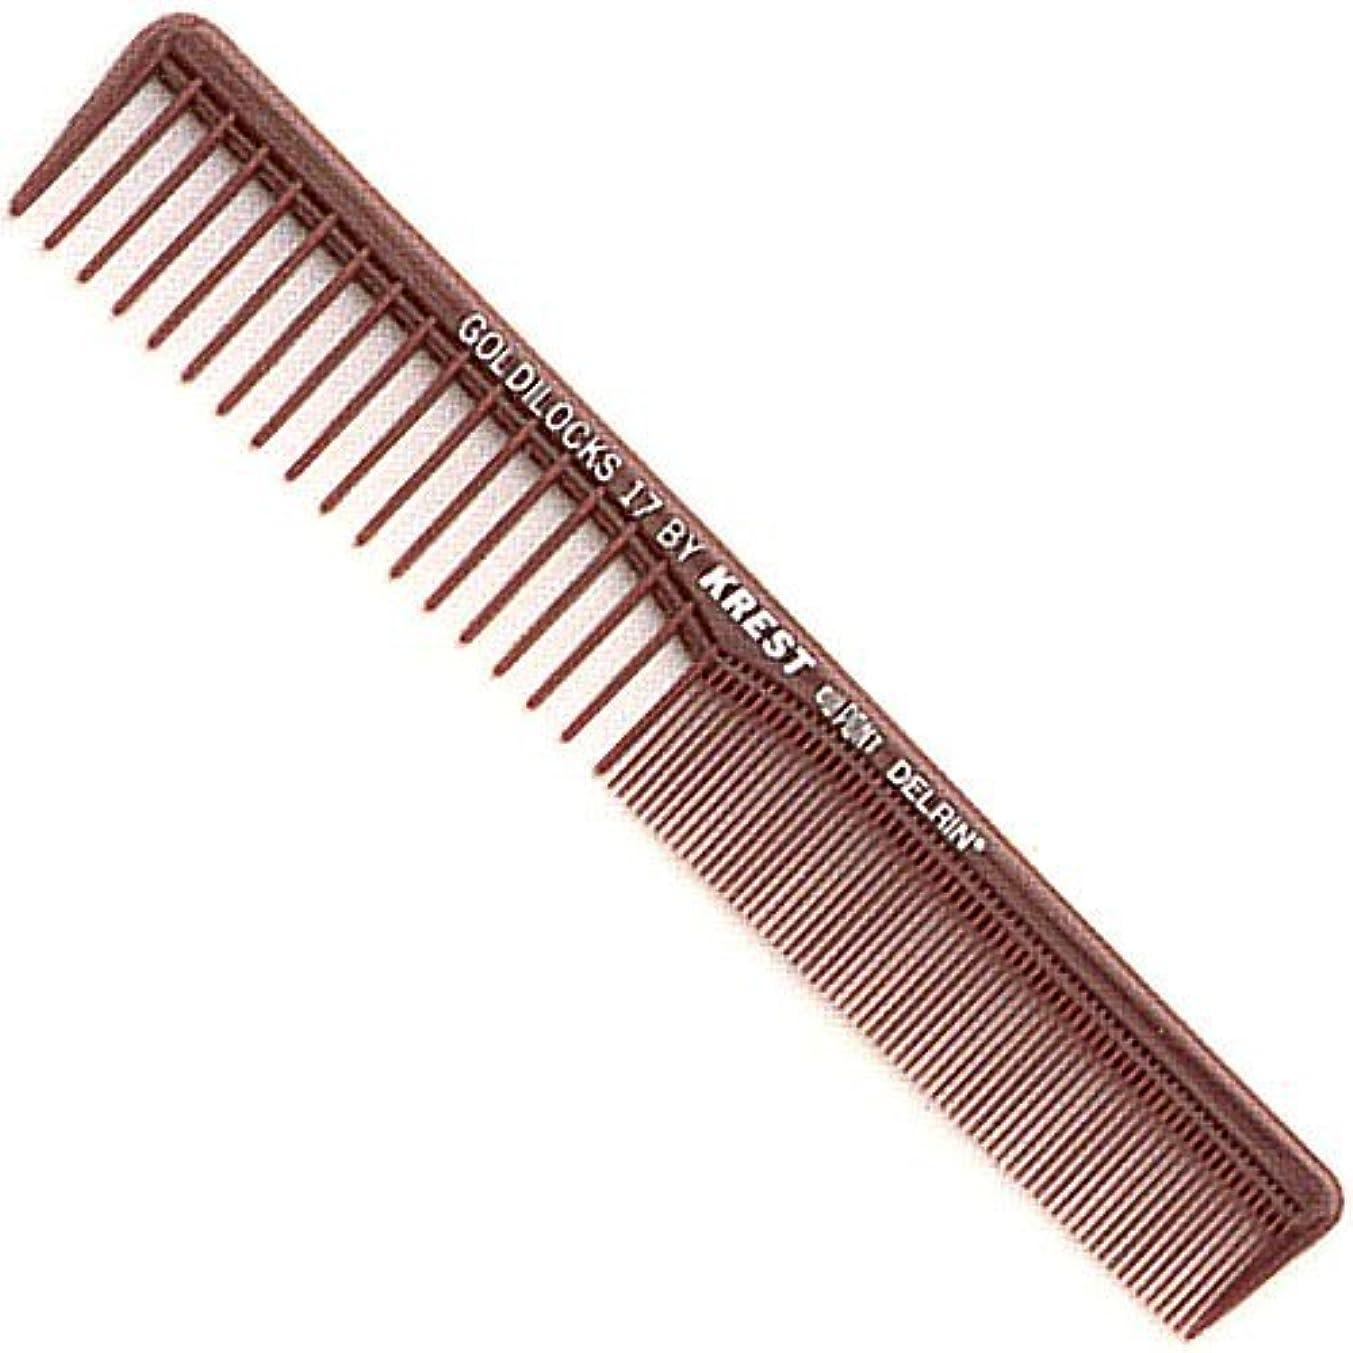 大声でソファーシェーバーKrest Combs Goldilocks Space Tooth Fine Tooth Styler Comb 7